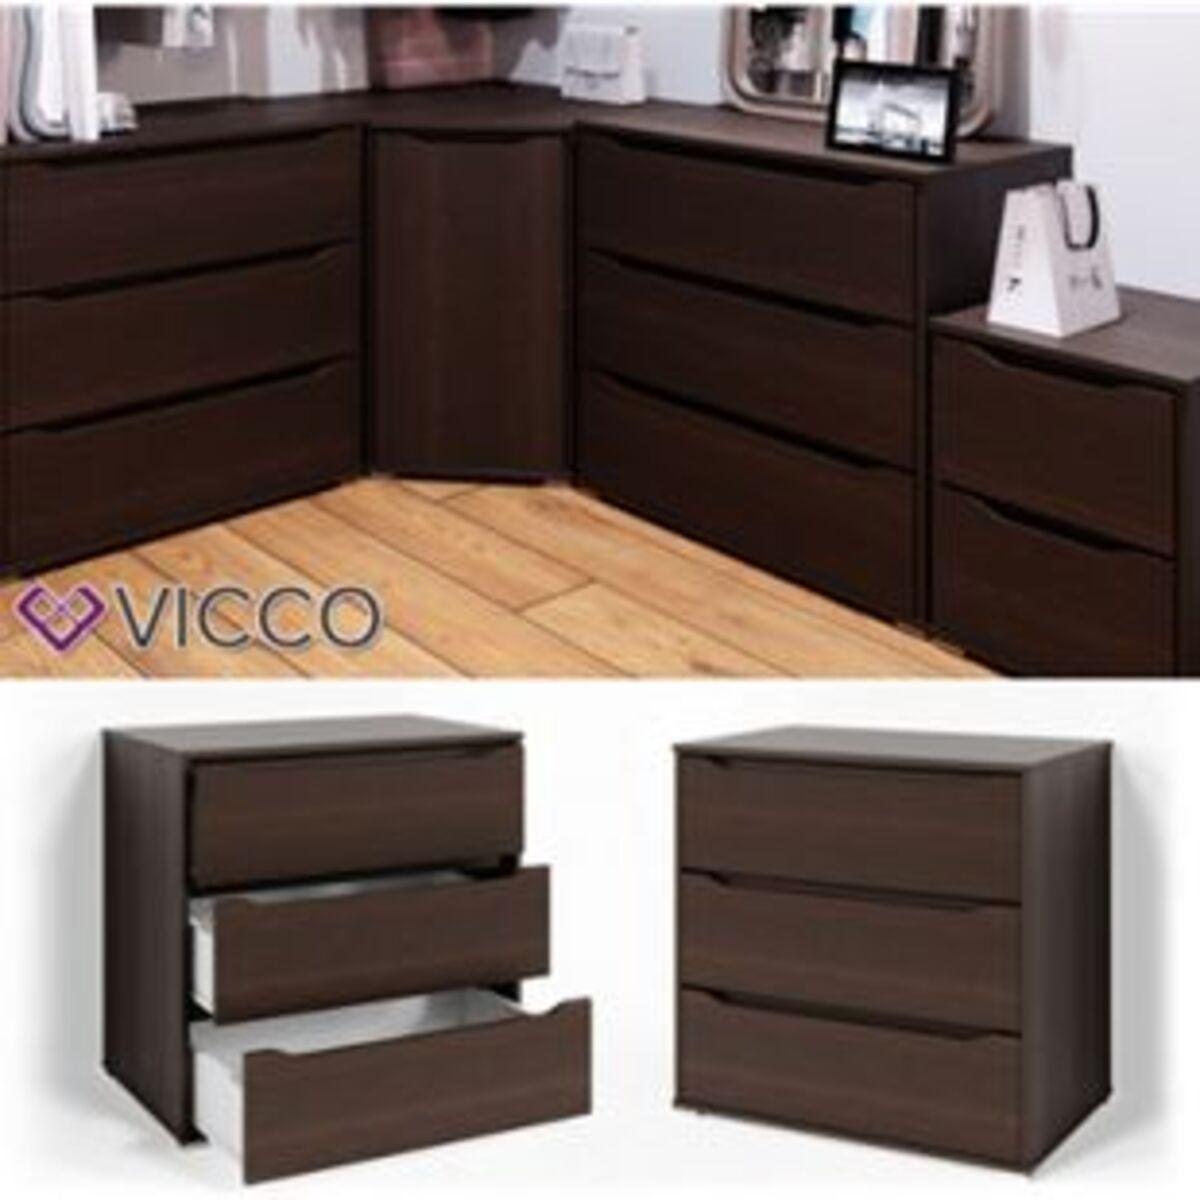 Bild 2 von VICCO Kommode RUBEN Wenge 3 Schubladen 80cm Sideboard Mehrzweckschrank Schrank